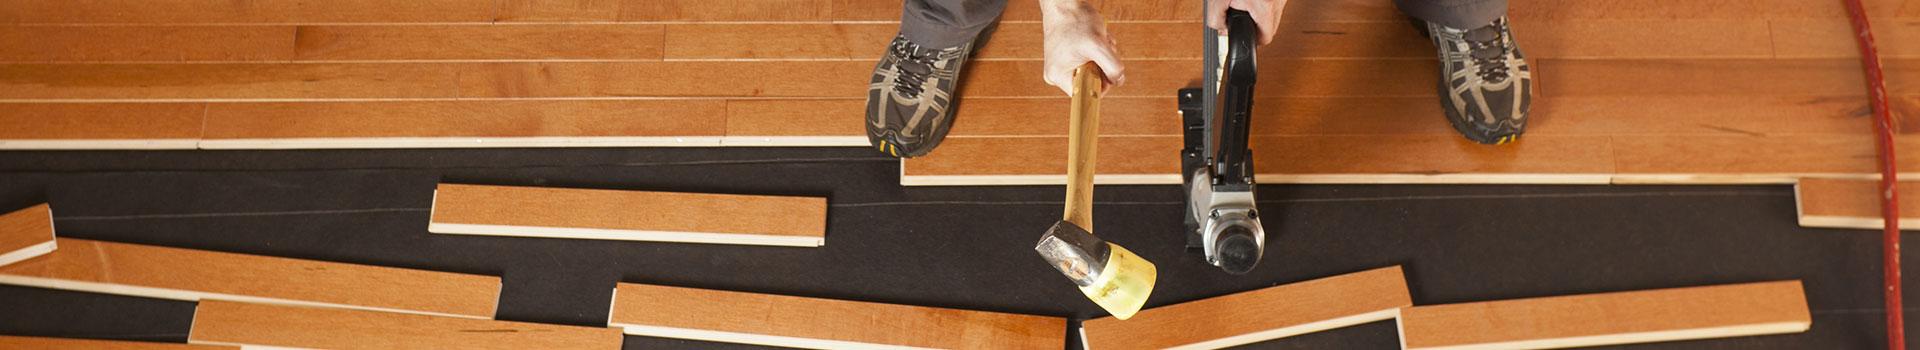 installing-hardwood-floor